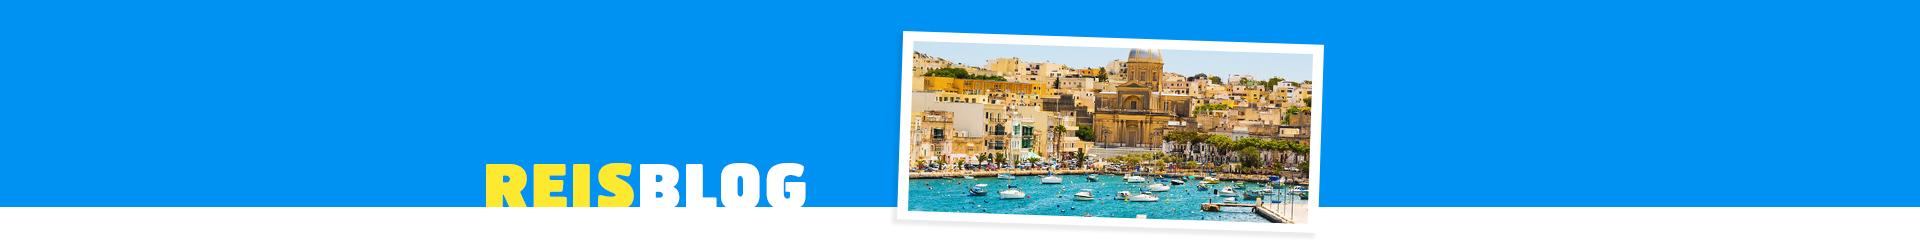 Mooi historisch dorp in Malta aan de blauwe zee